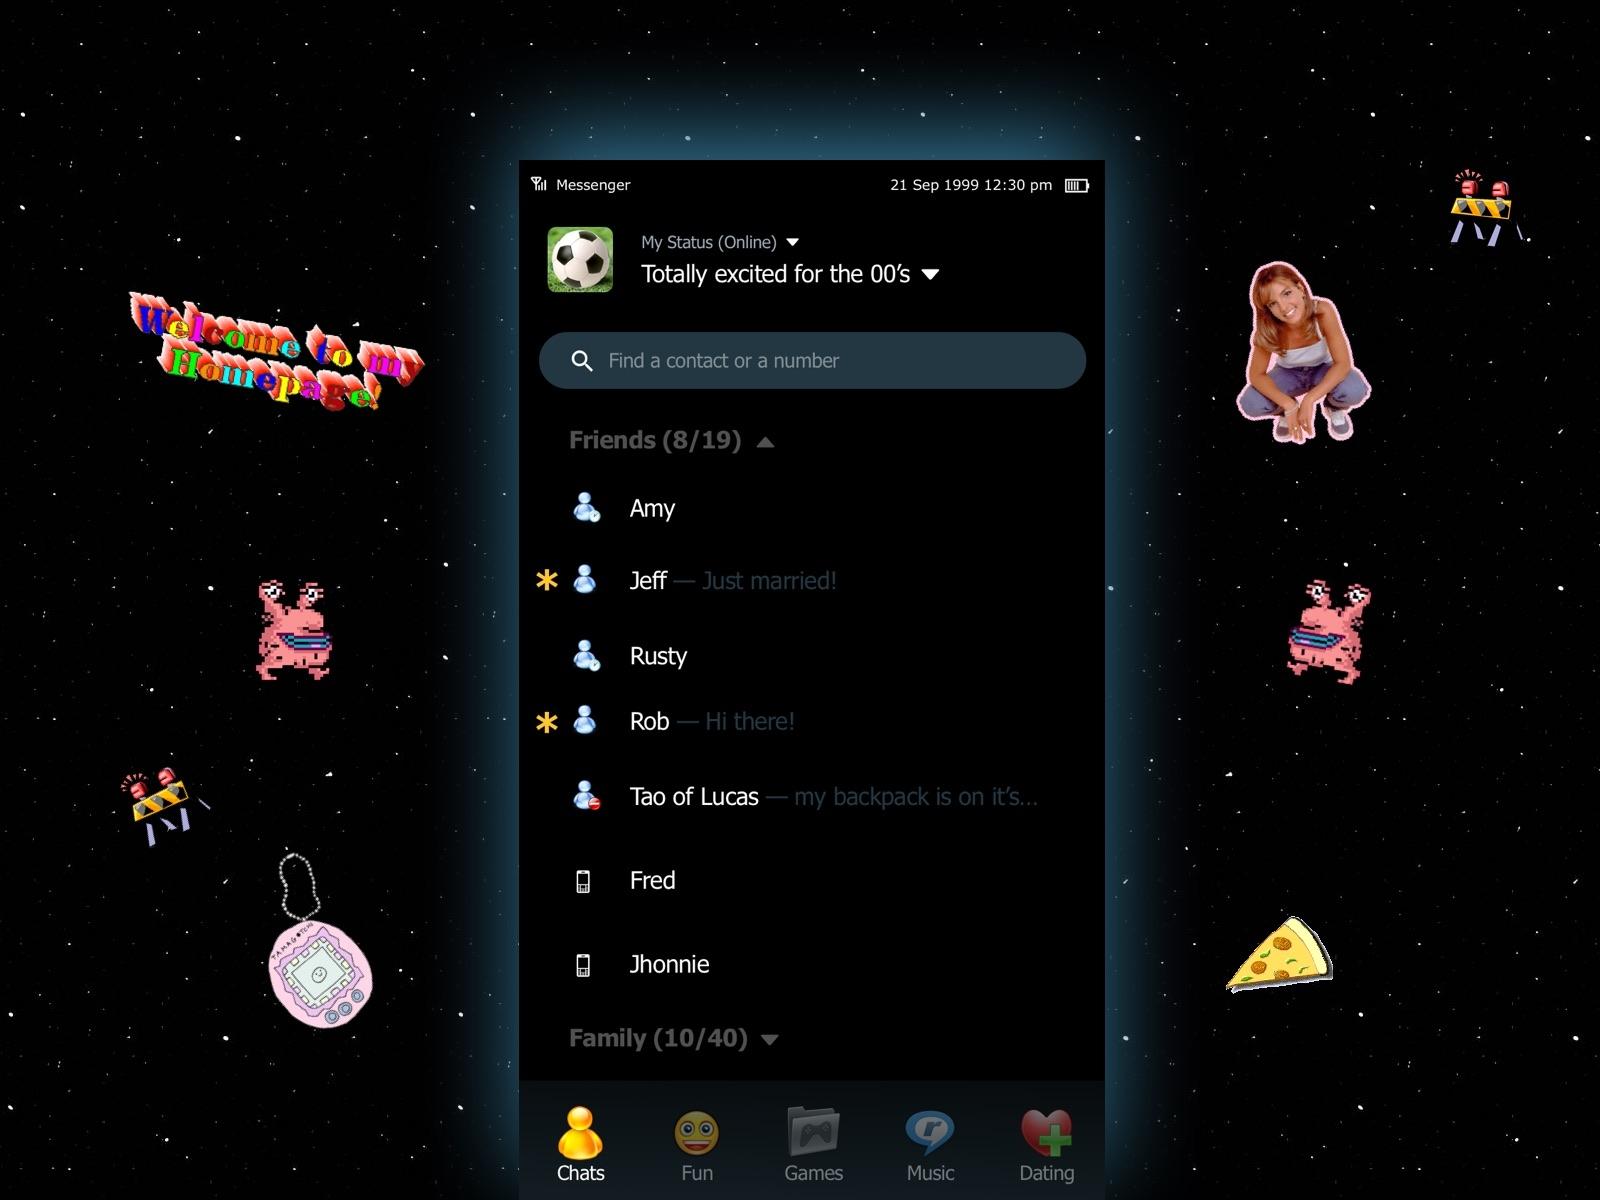 Dating Messenger voor PC